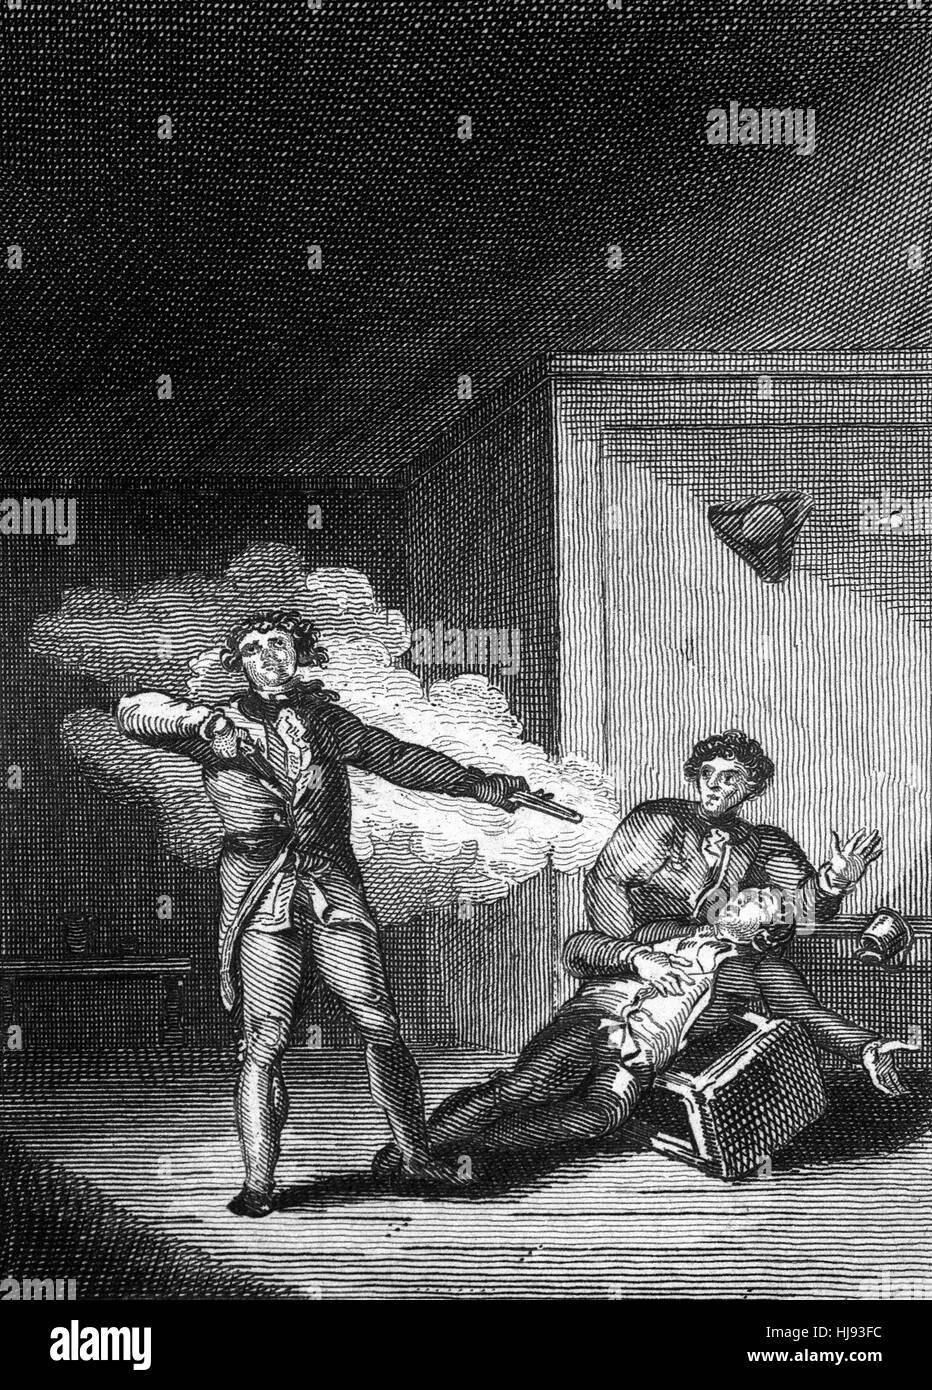 Francesco David Stirn, (1735-1760) ha acquistato due pistole cariche. Due giorni più tardi, a circa 10 pm è Immagini Stock